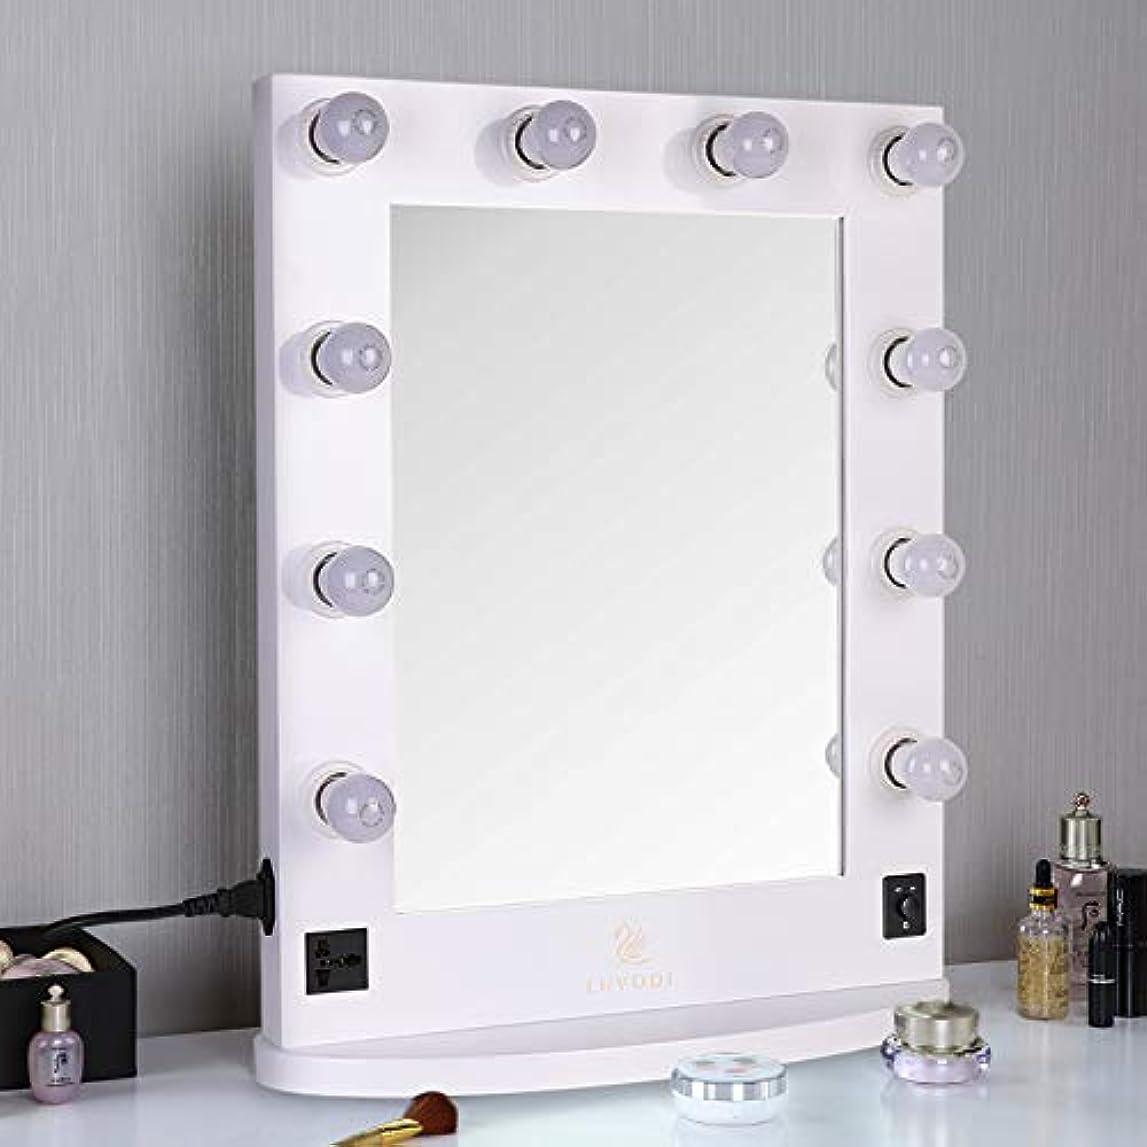 伝える買い手浸食LUVODI ハリウッドミラー 化粧鏡 化粧ミラー 女優ミラー led ライト付き 卓上鏡 スタンド 卓上/壁掛け 鏡 2Way 大型 木製 明るさ調節可能(白)